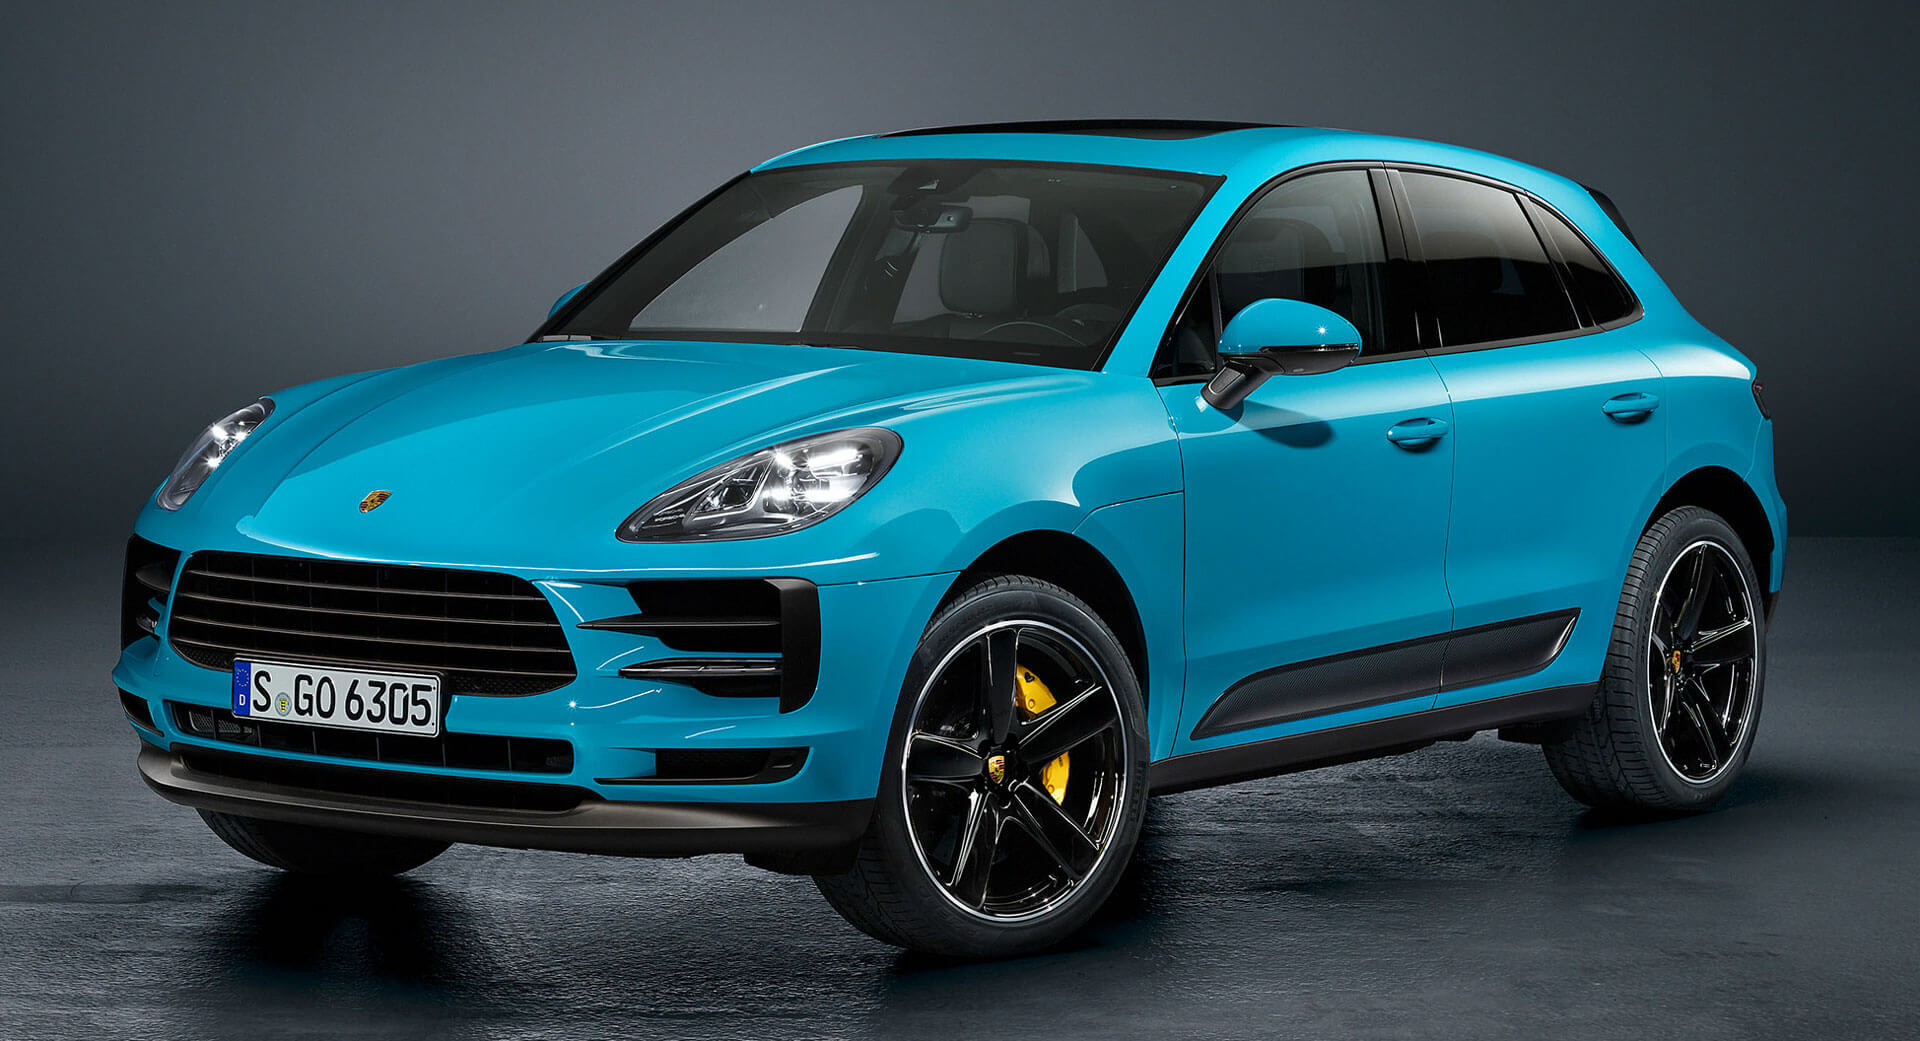 Porsche đạt doanh số kỷ lục nhờ mẫu SUV Macan